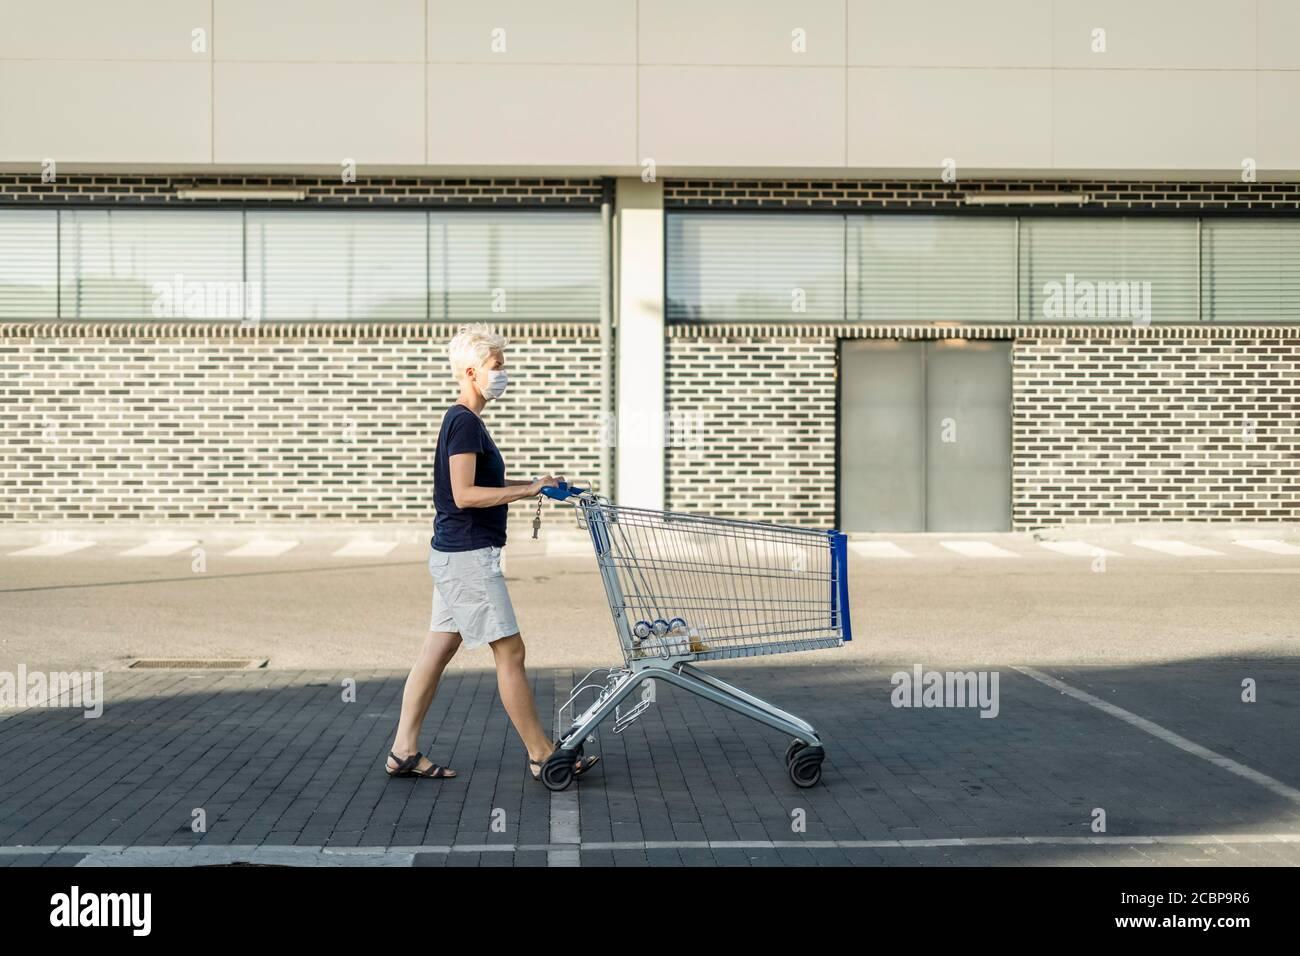 Frau in Schutzmaske mit Einkaufswagen vor Supermarkt, Polen Stockfoto